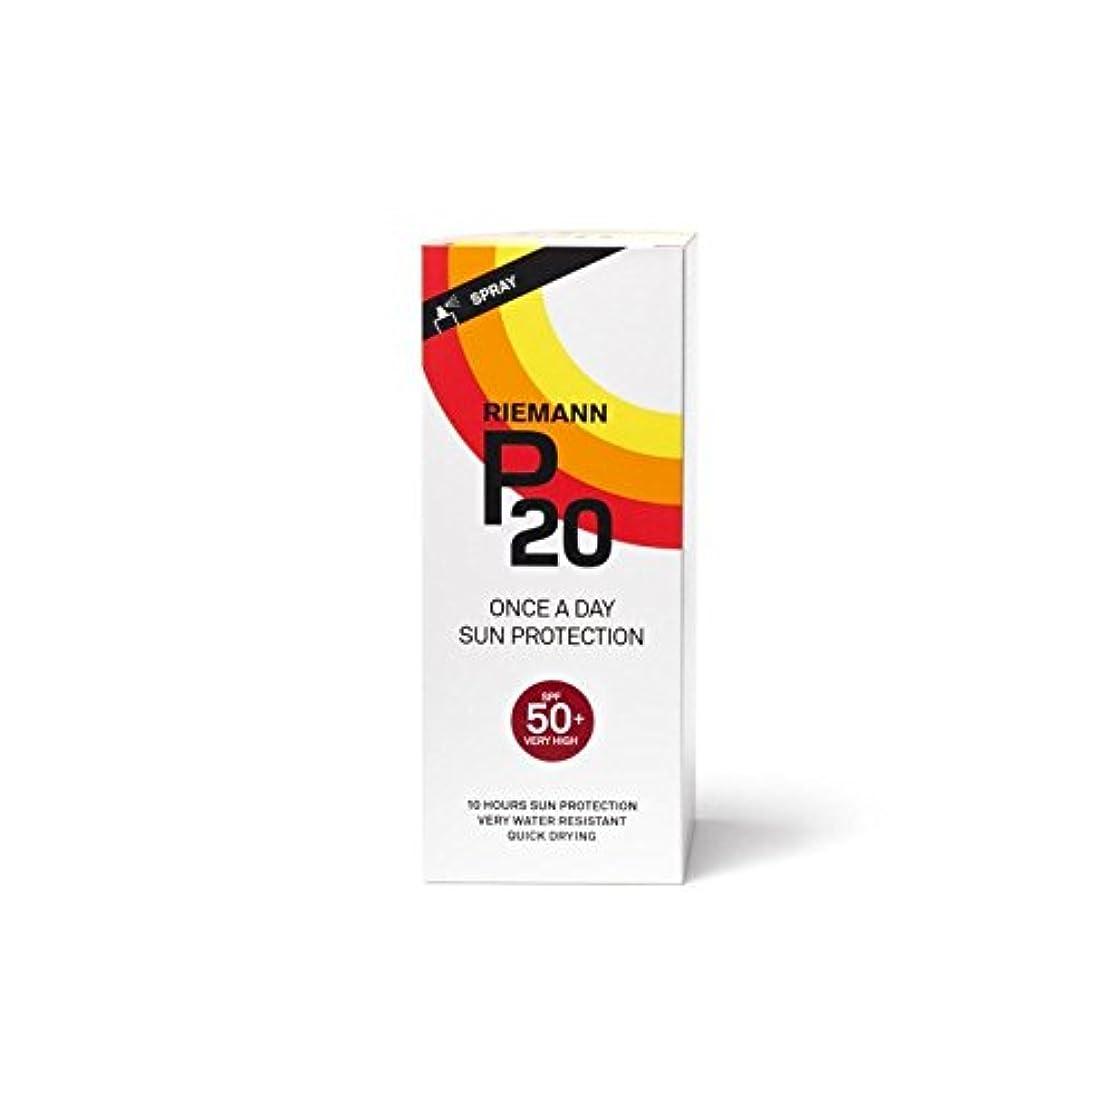 宣伝ムス同じ一日の日に一度リーマン20は、200ミリリットル50 +のをフィルタリング x4 - Riemann P20 Once a Day Sun Filter 200ml SPF50+ (Pack of 4) [並行輸入品]